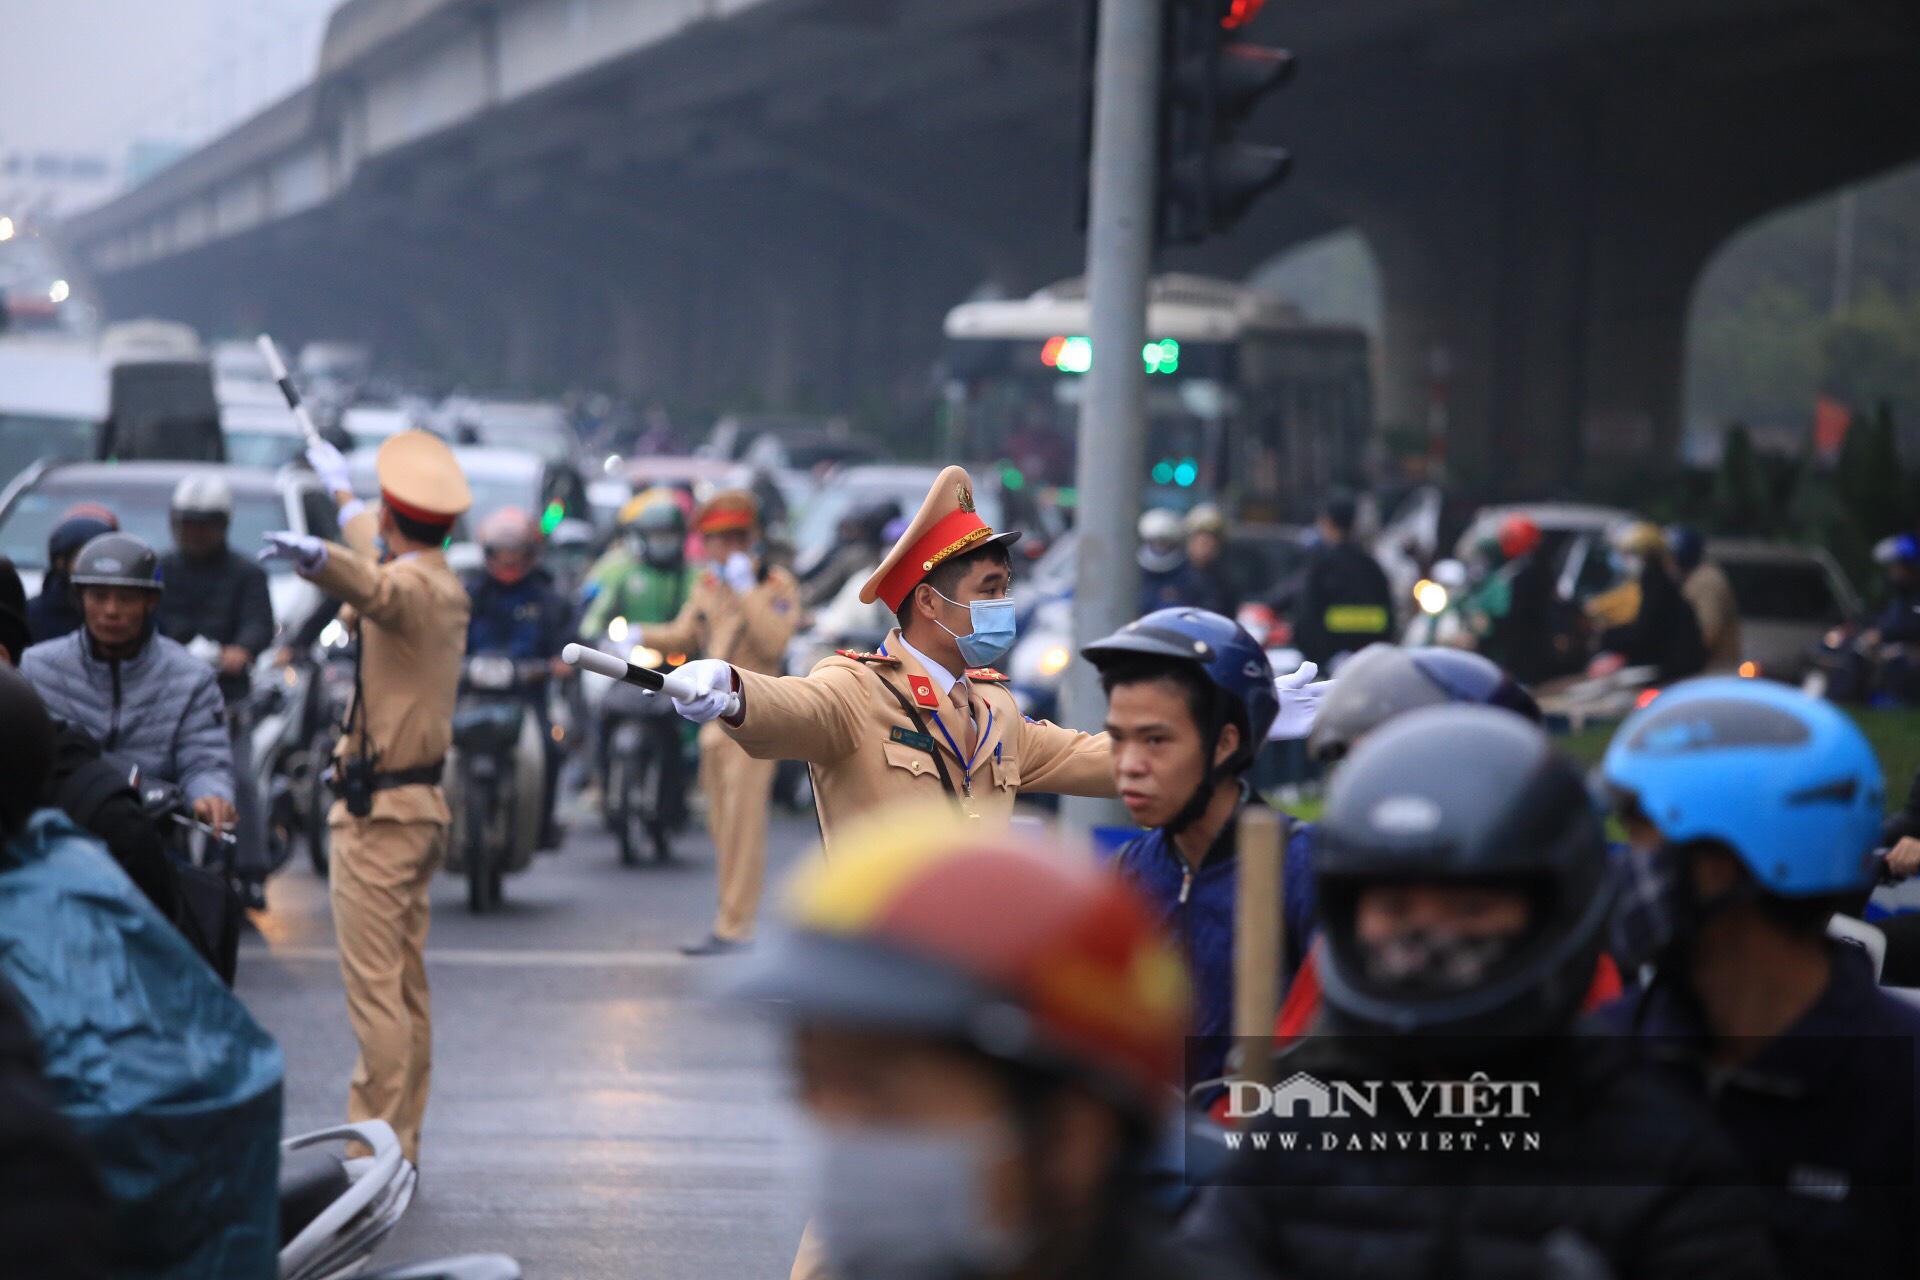 Hình ảnh đoàn xe đại biểu từ Lăng Bác về Trung tâm Hội nghị Quốc gia - Ảnh 16.